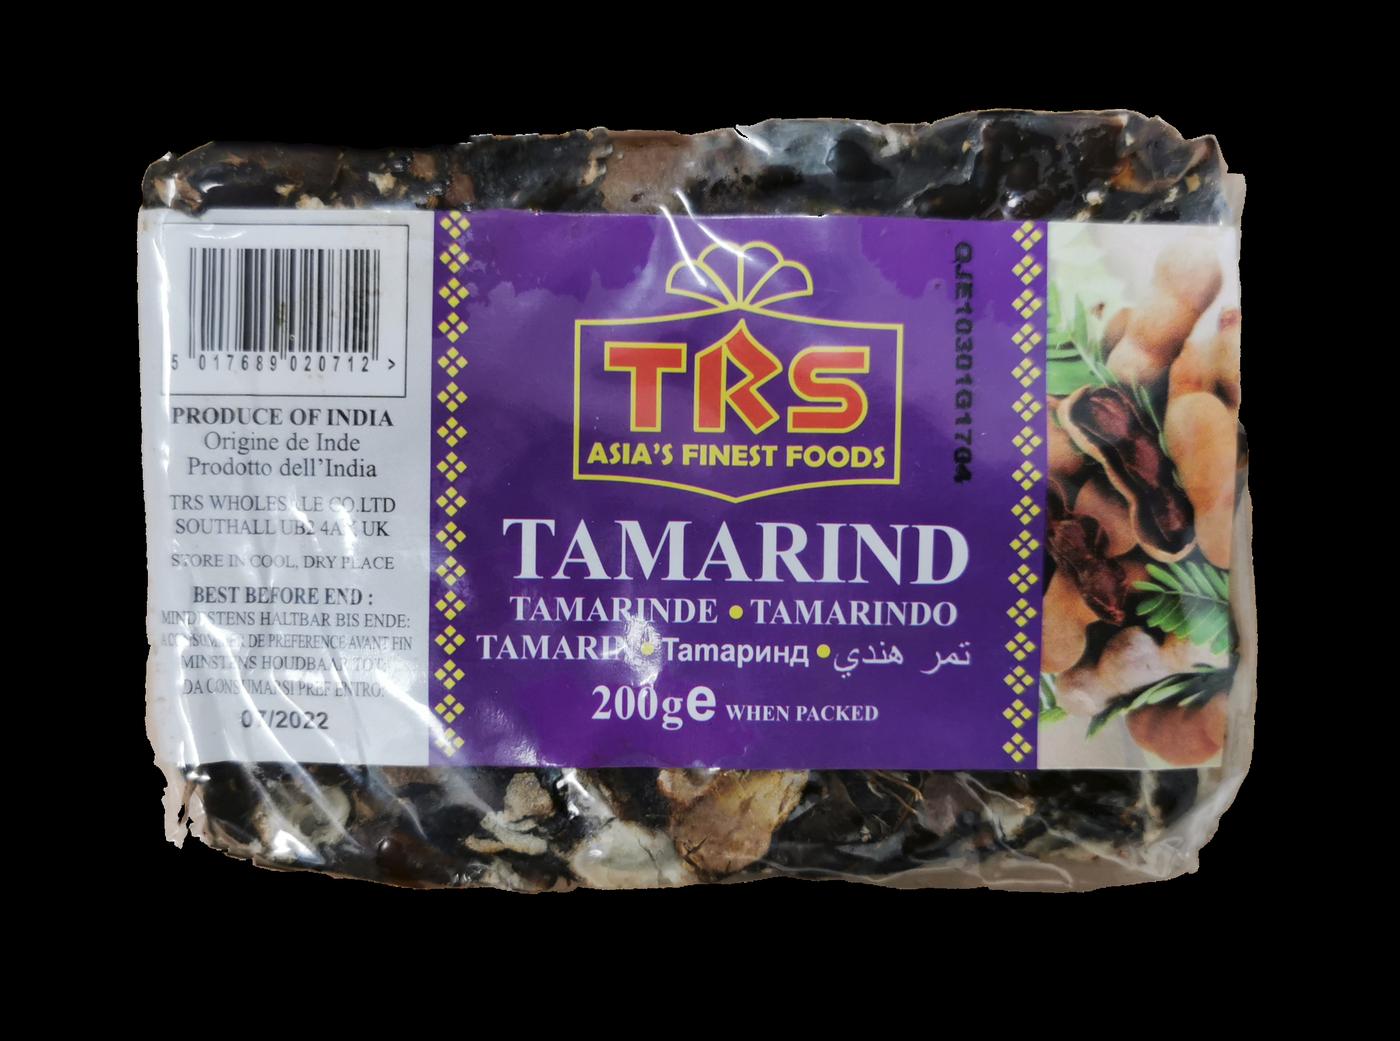 TRS Tamarind  (India)